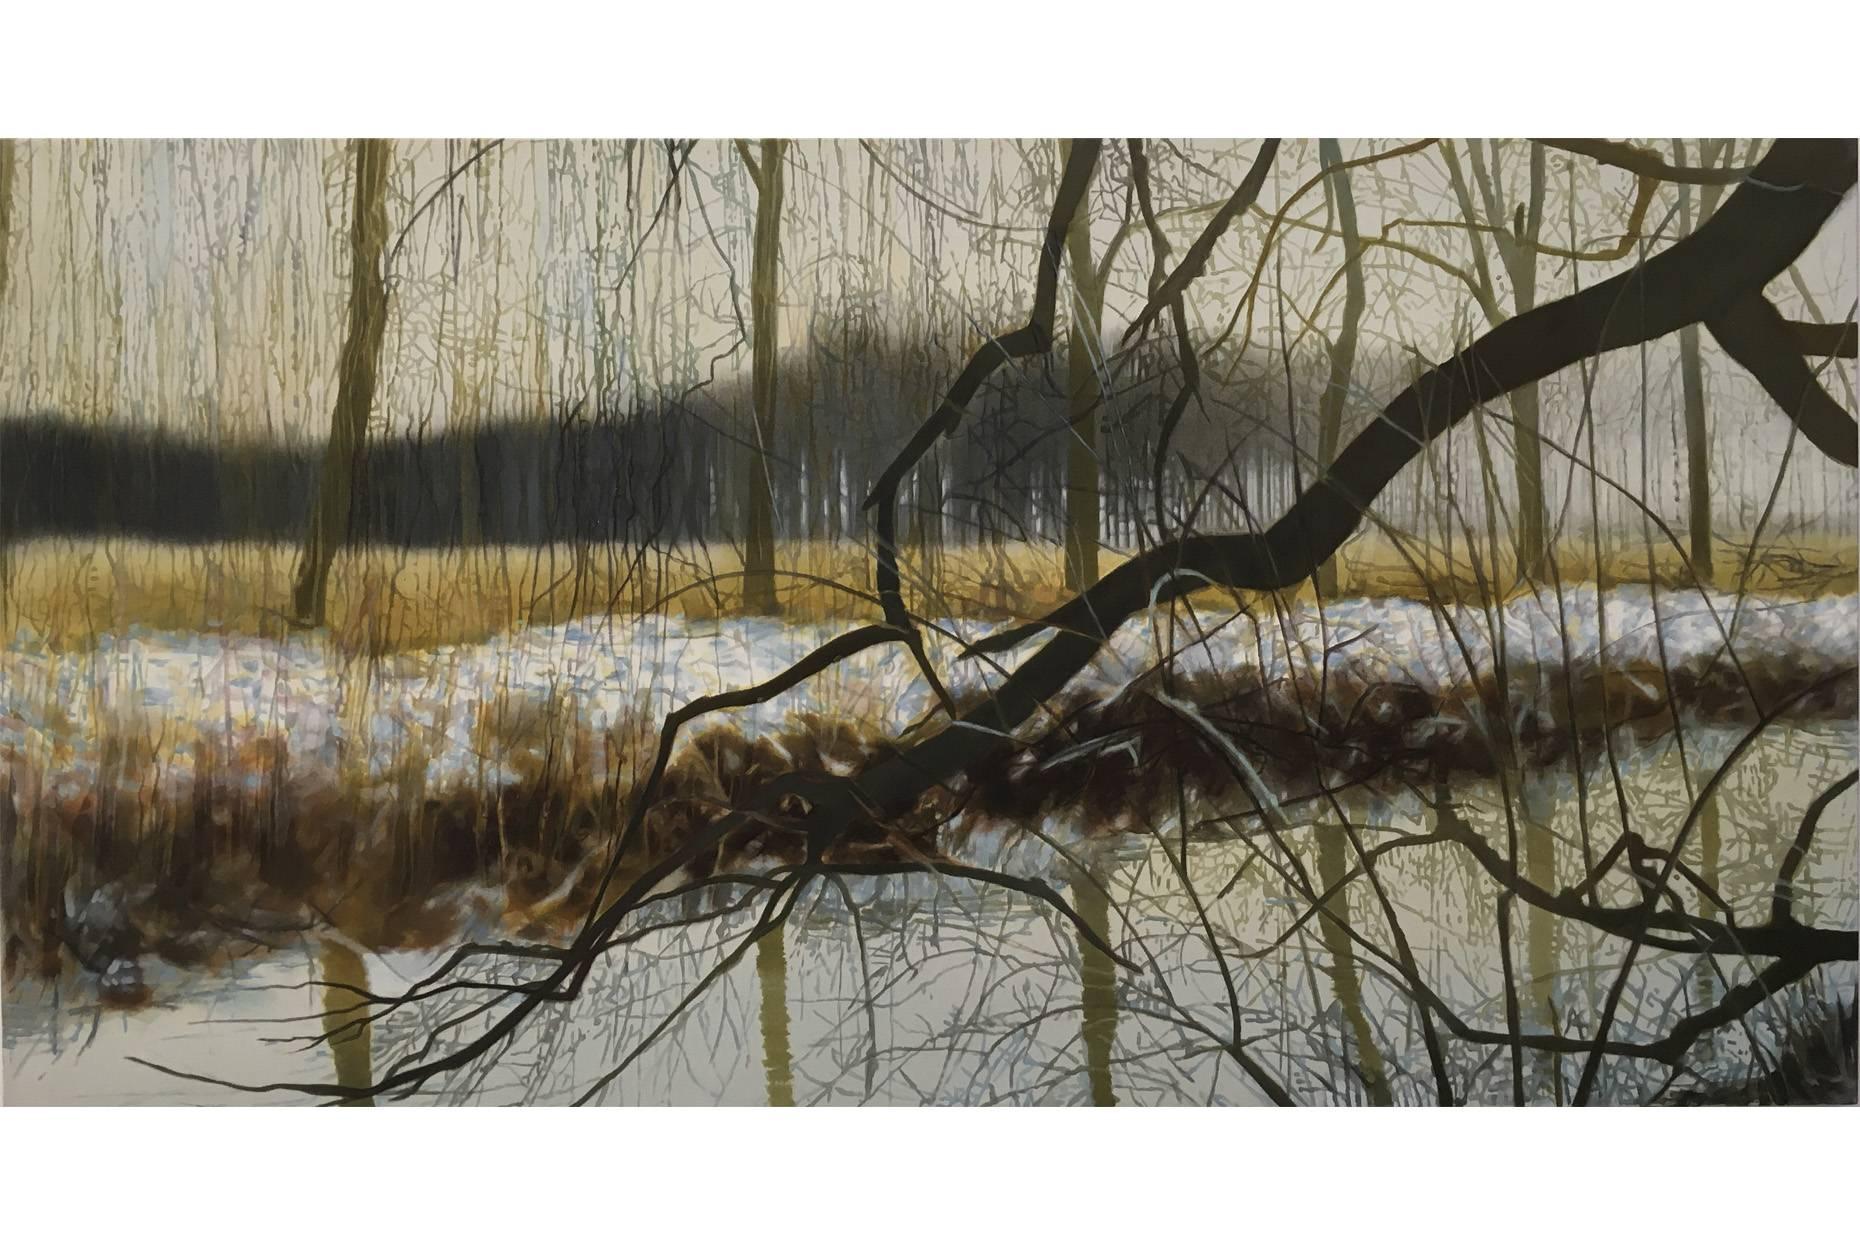 Geäst 2009-2010 Acrylfarbe a/Nessel 90 x 170 cm